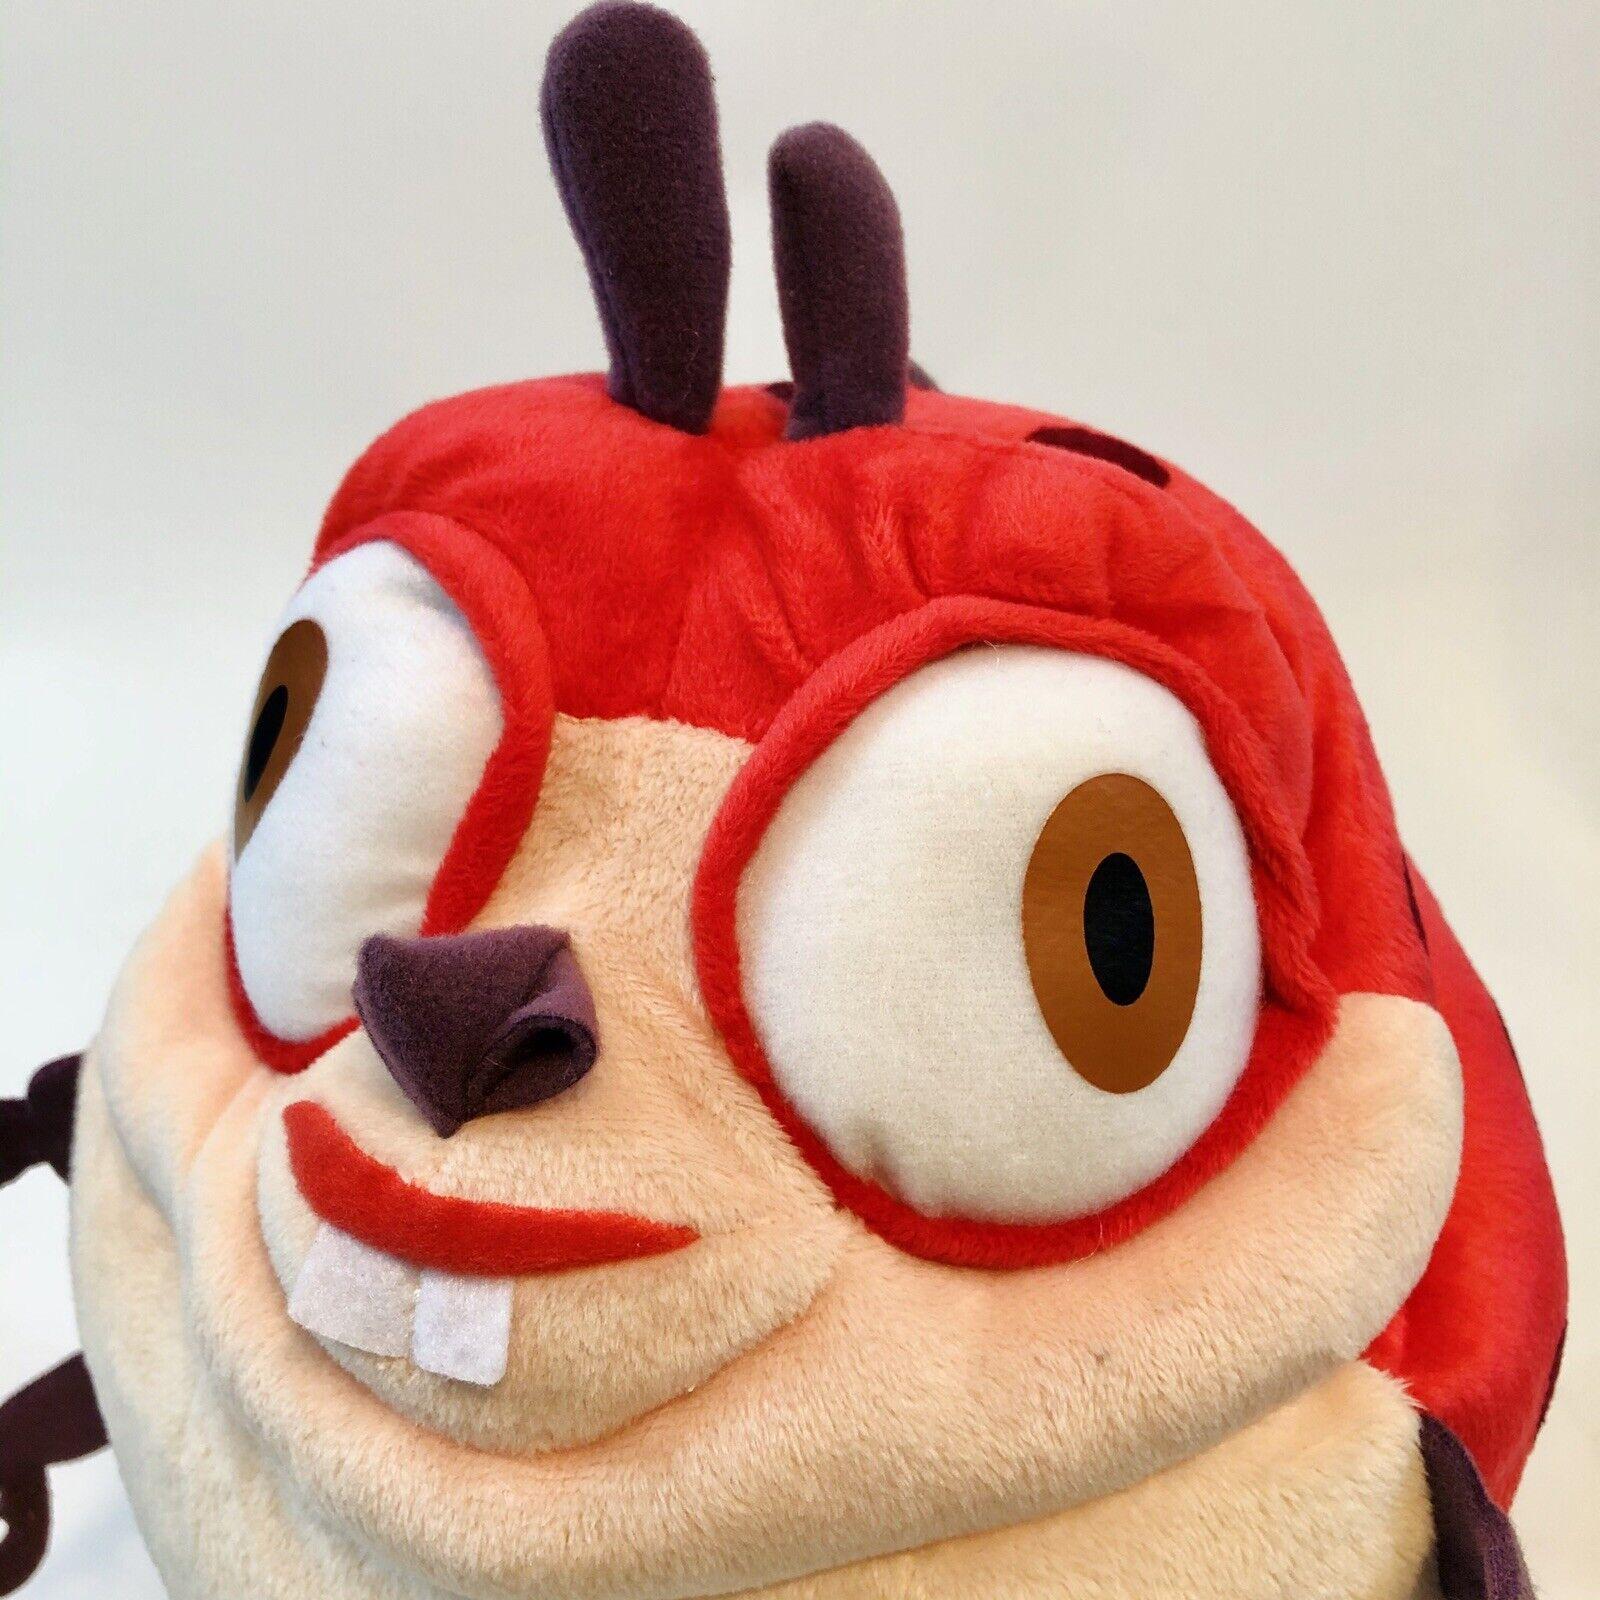 Dr Cockroach 25cm Monsters Vs Aliens Dreamworks Plush Doll Dream Works For Sale Online Ebay